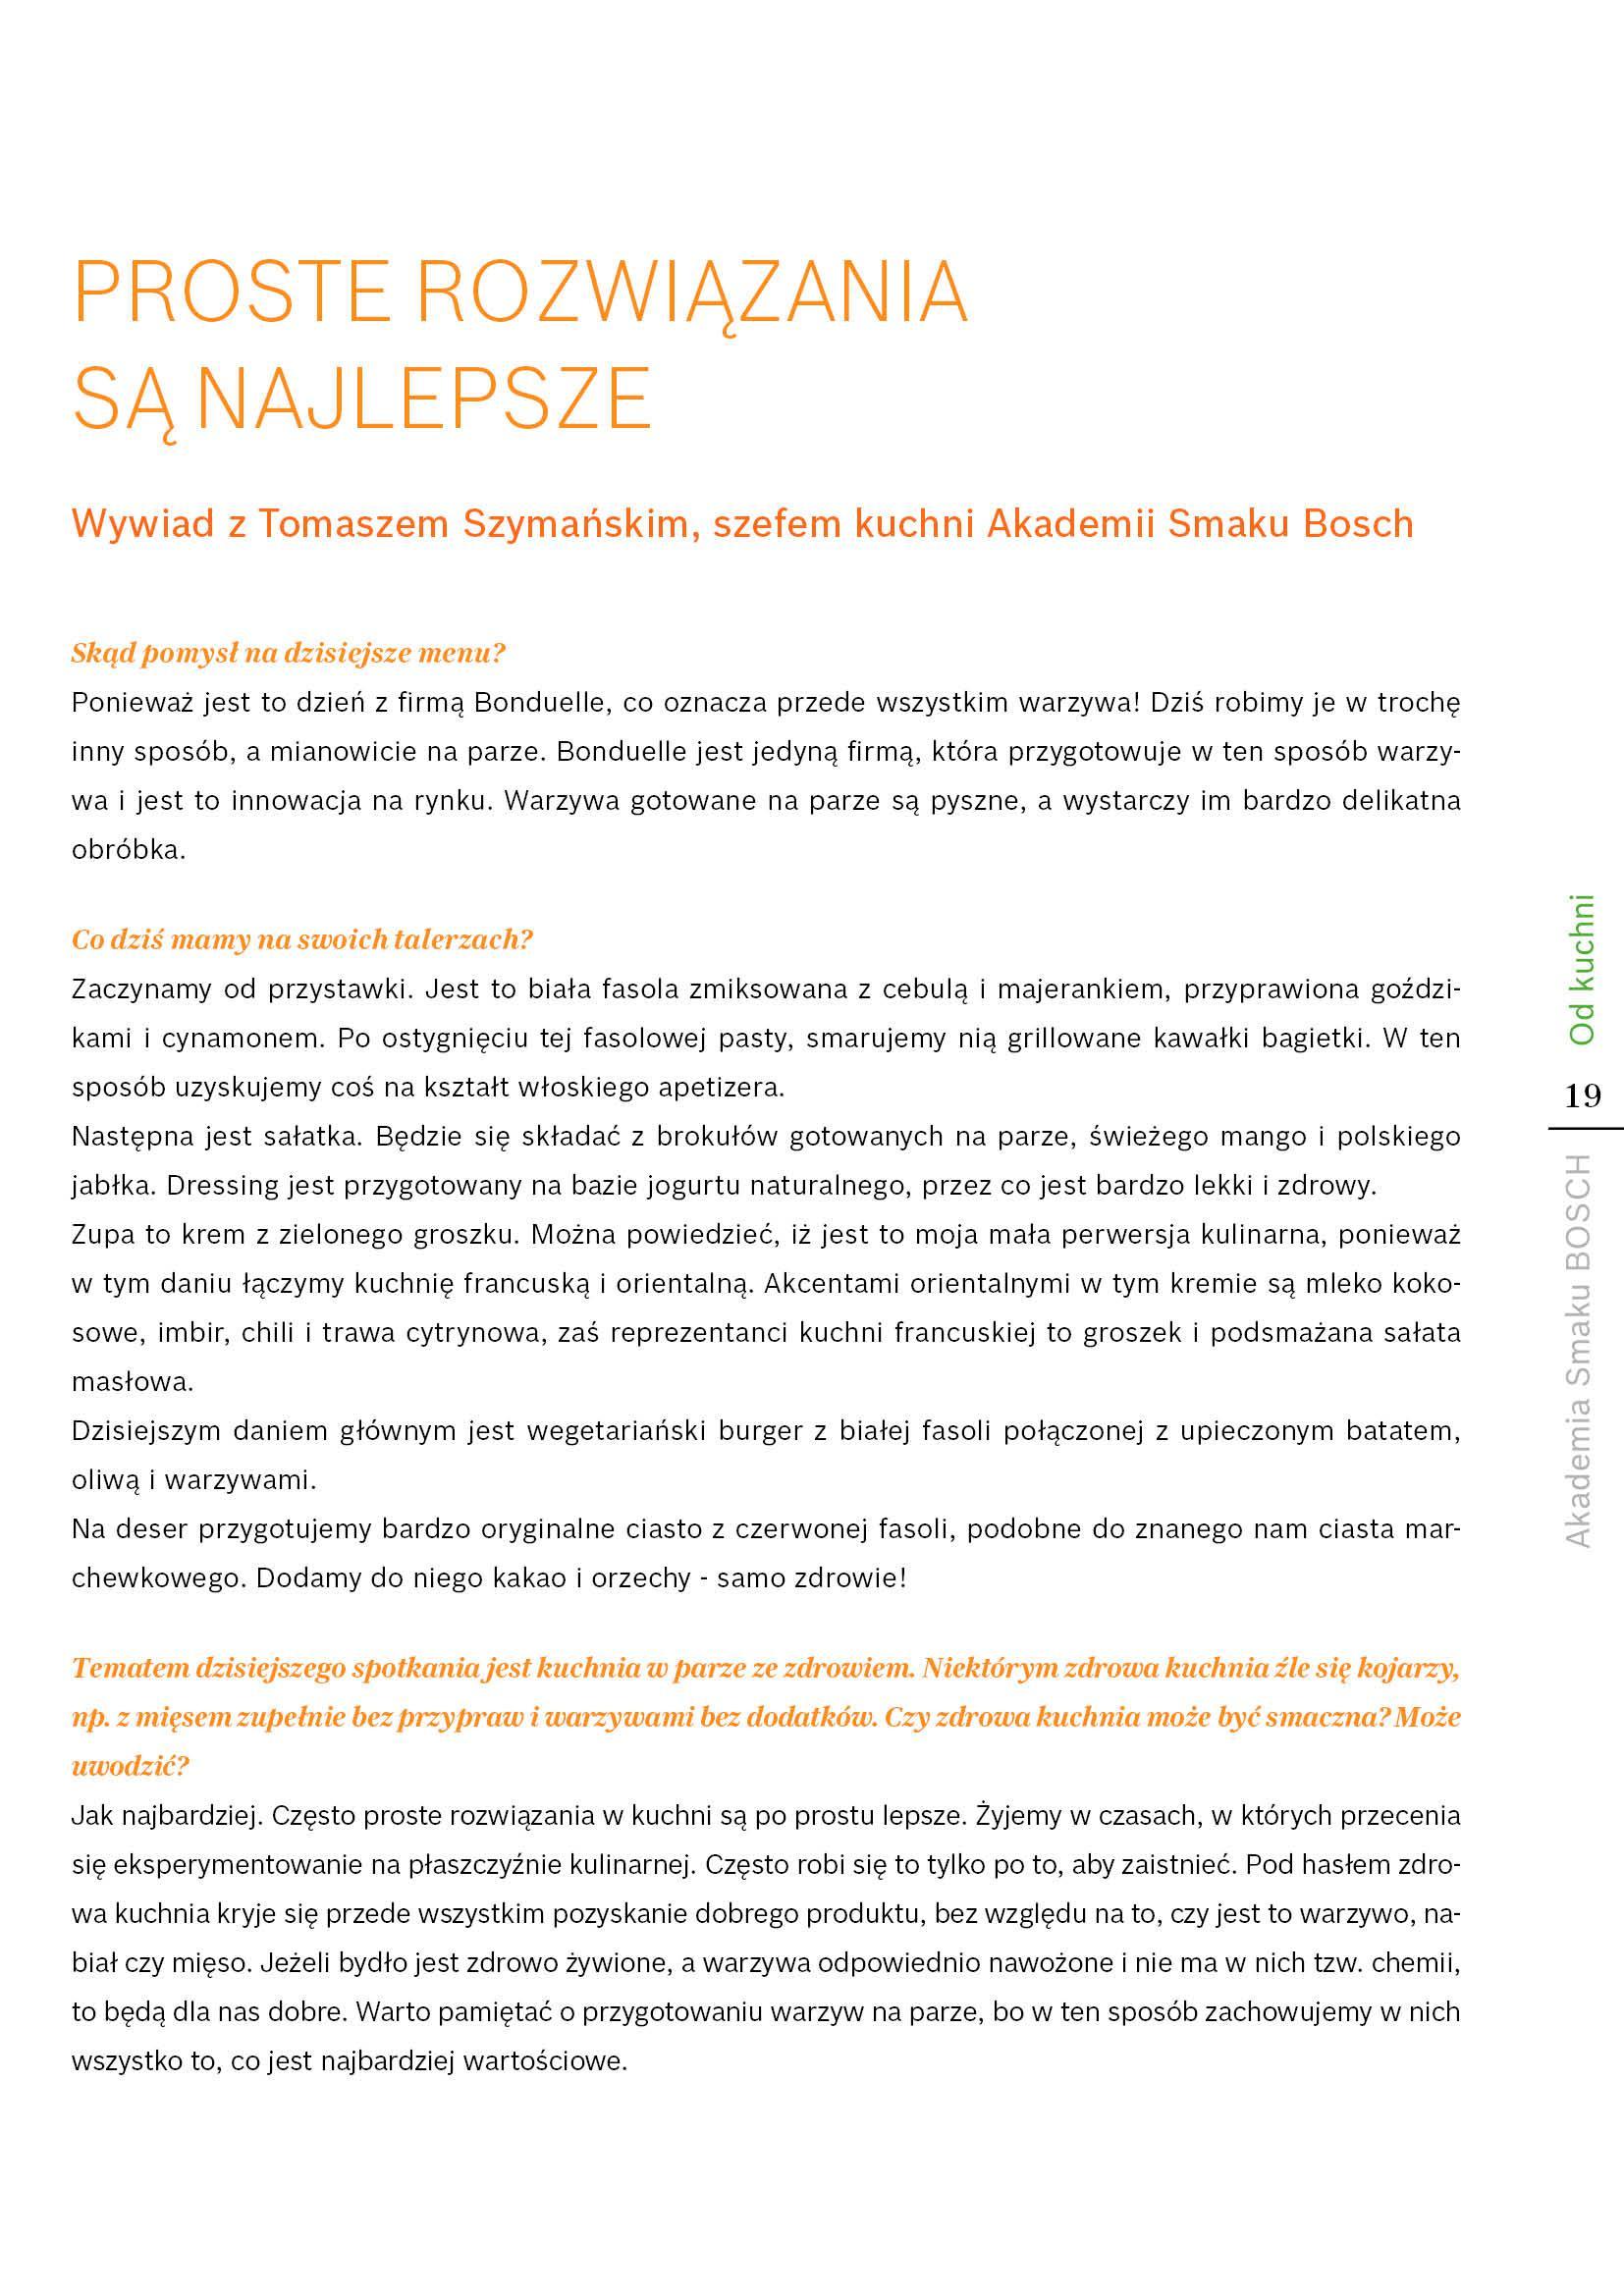 Kuchnia w parze ze zdrowiem - Strona 19